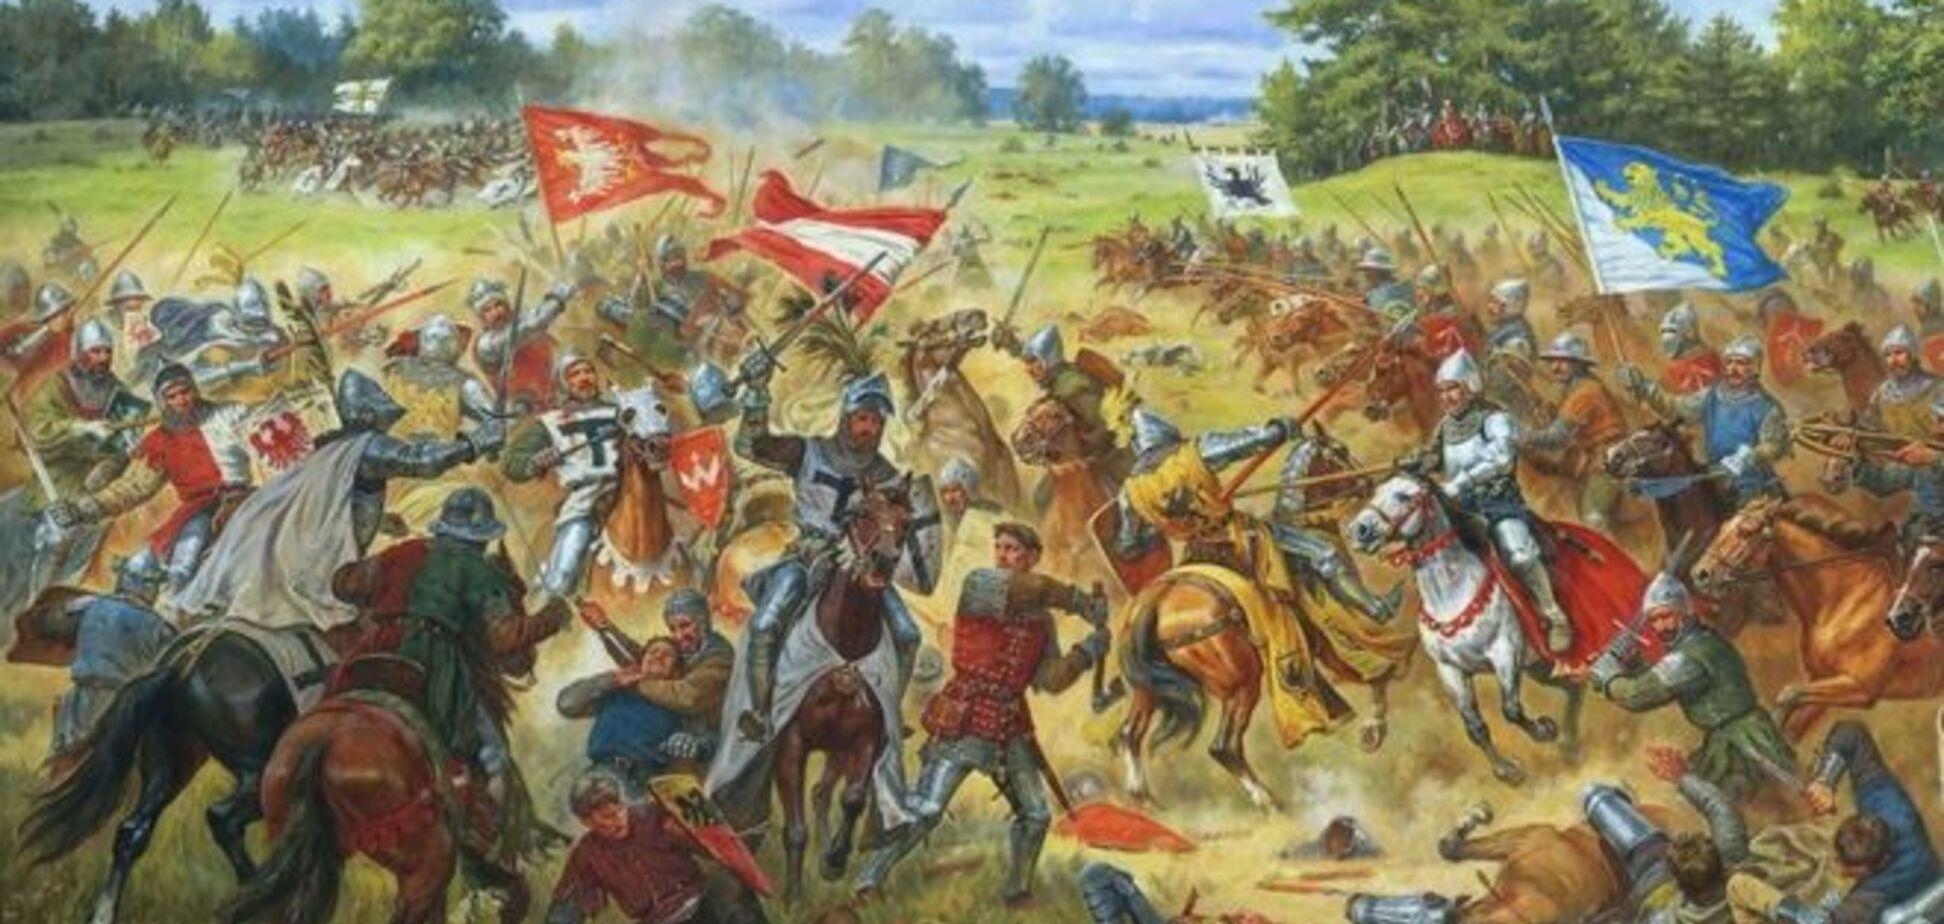 Росія намагається 'вкрасти' у Литви та Польщі перемогу в Грюнвальдській битві - Gazeta Wyborcza